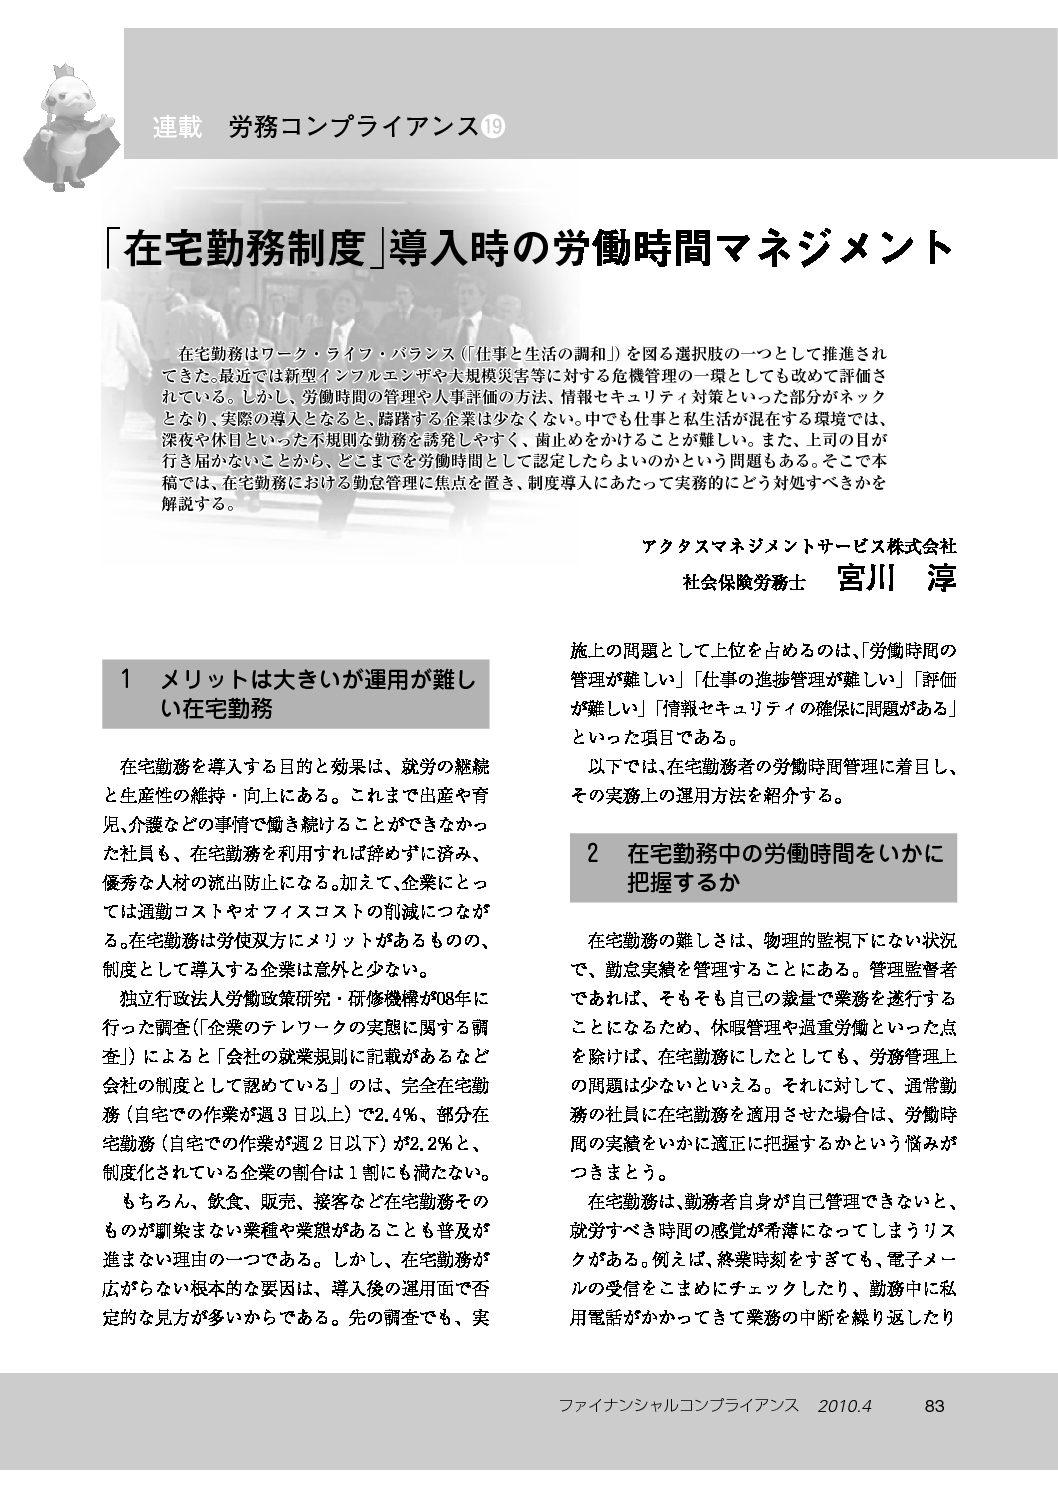 労務コンプライアンス(第19回) 「在宅勤務制度」導入時の労働時間マネジメント